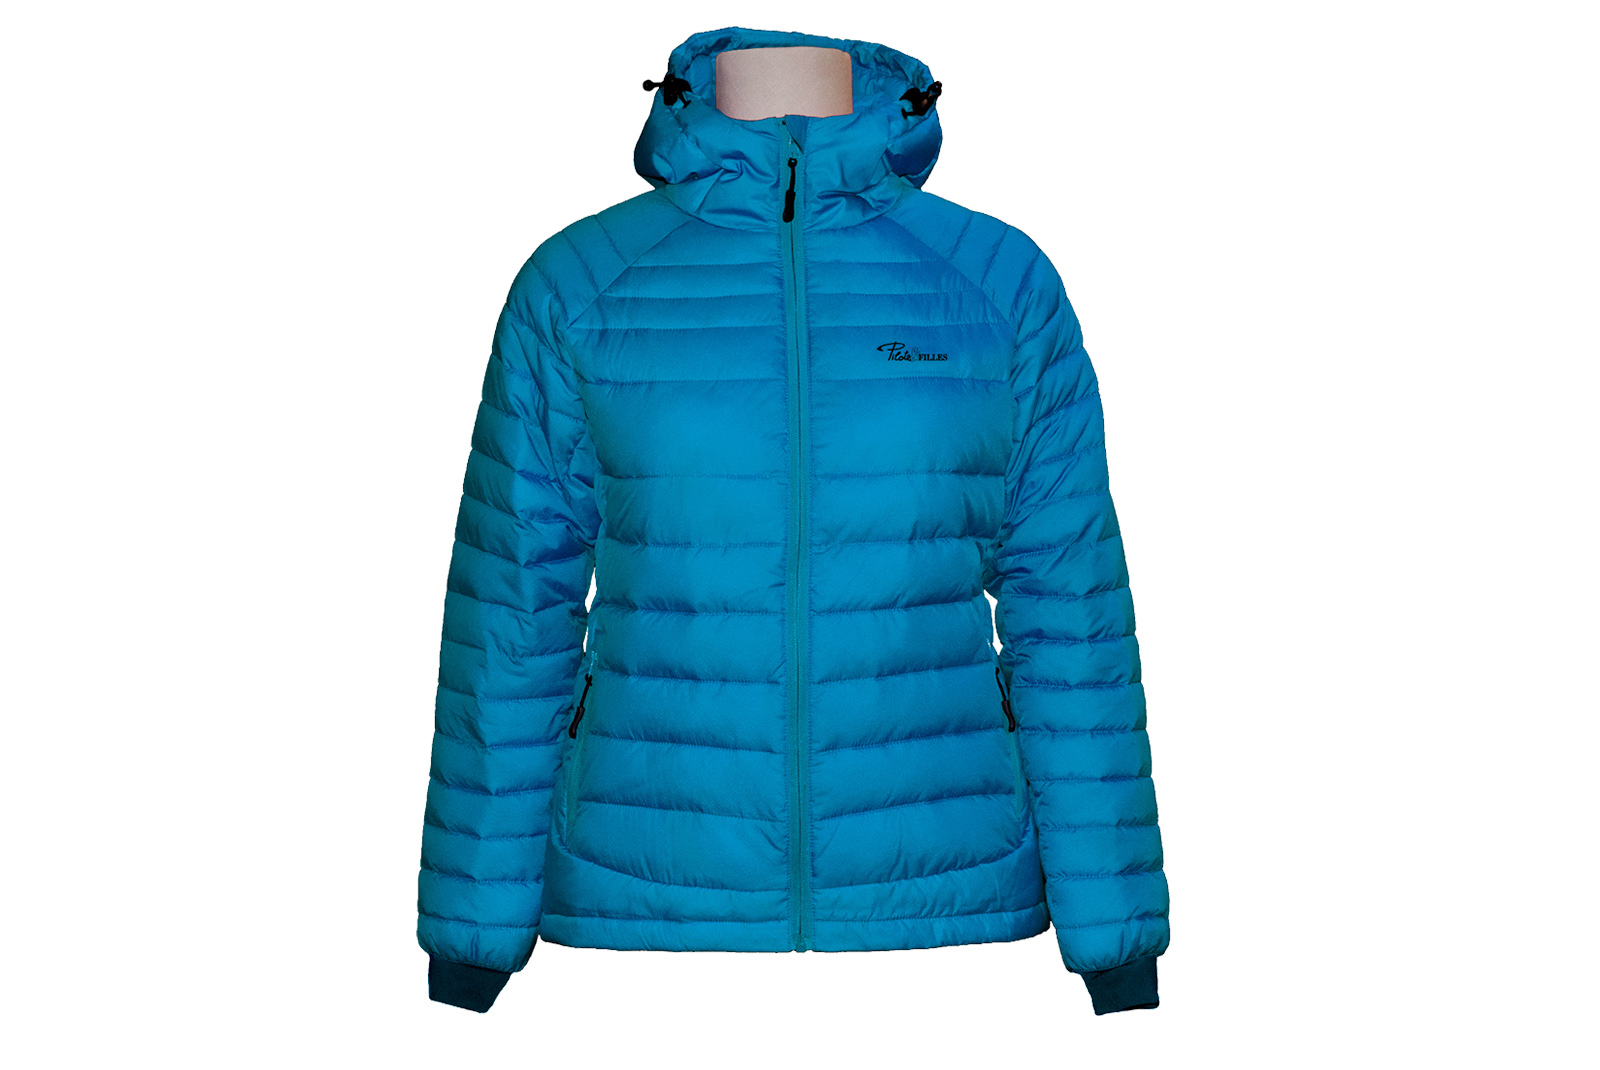 Manteau isolé pour femme PF490 (turquoise)